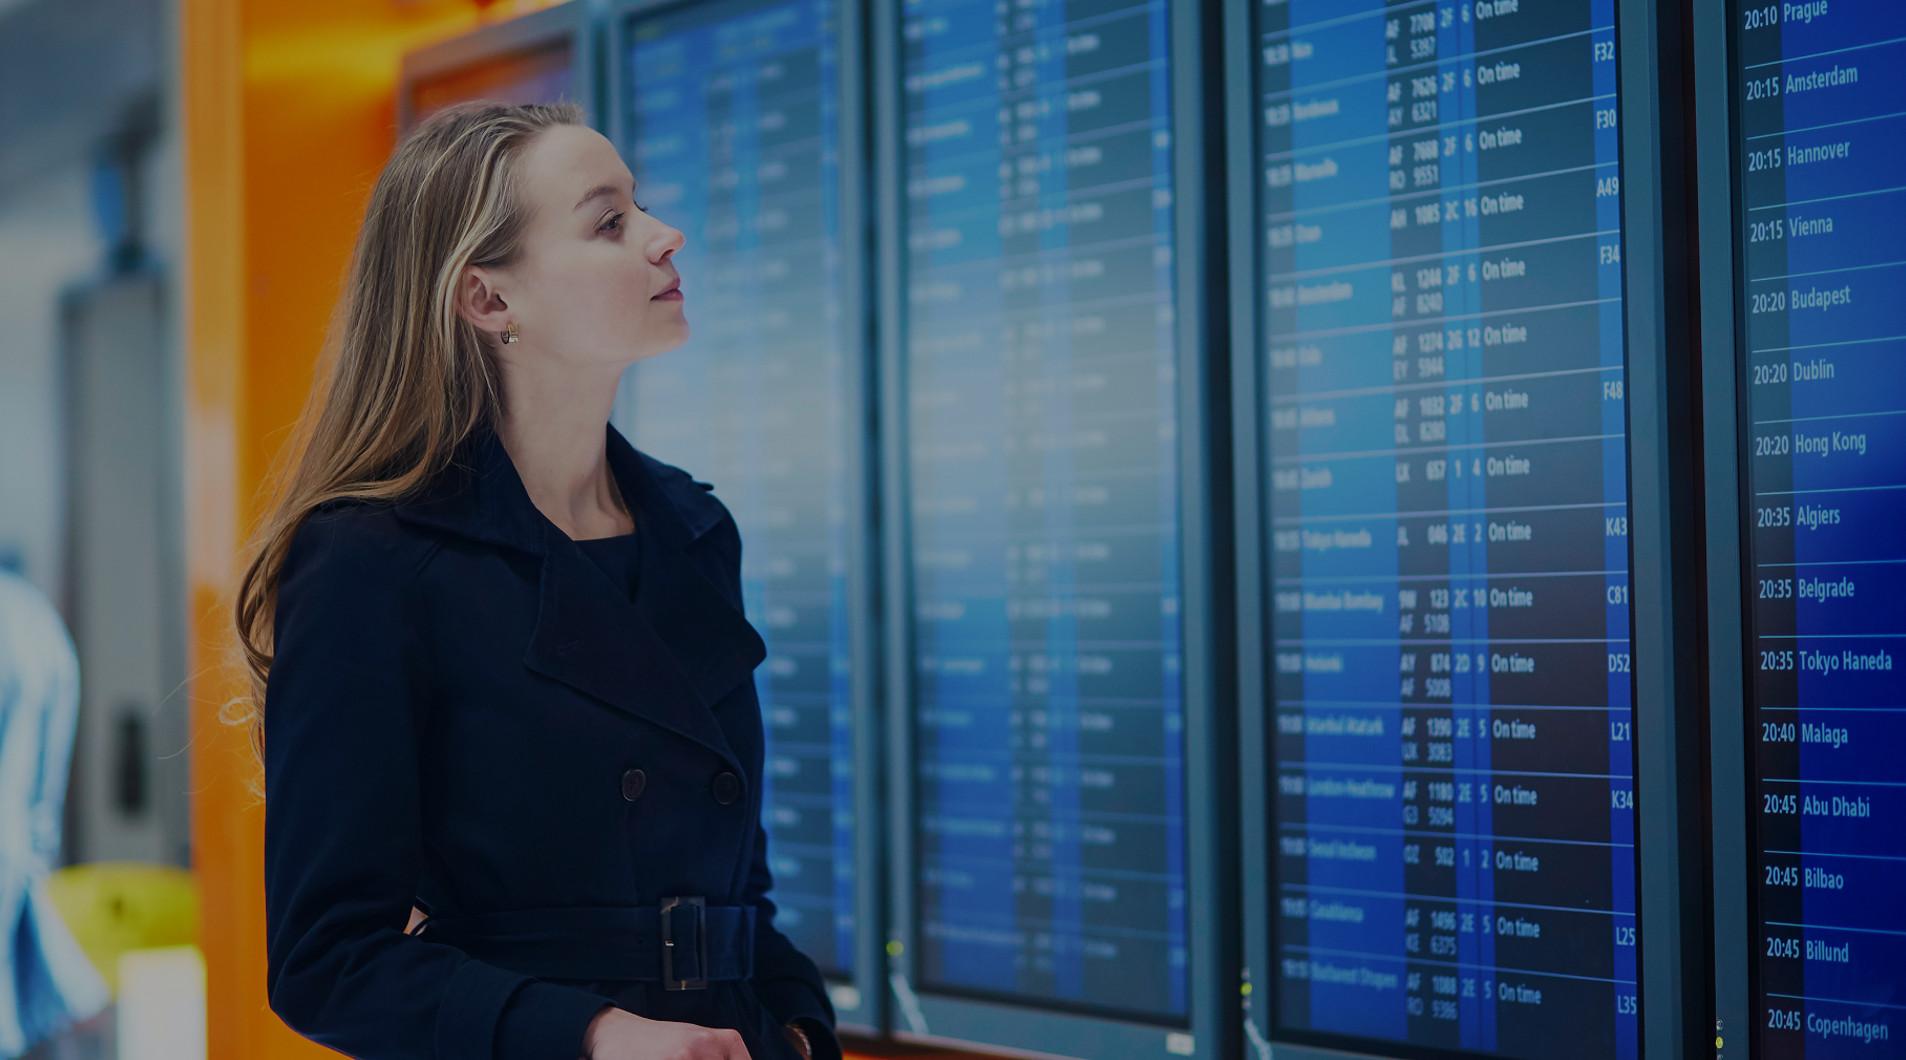 Data Solutions Flight Information Database